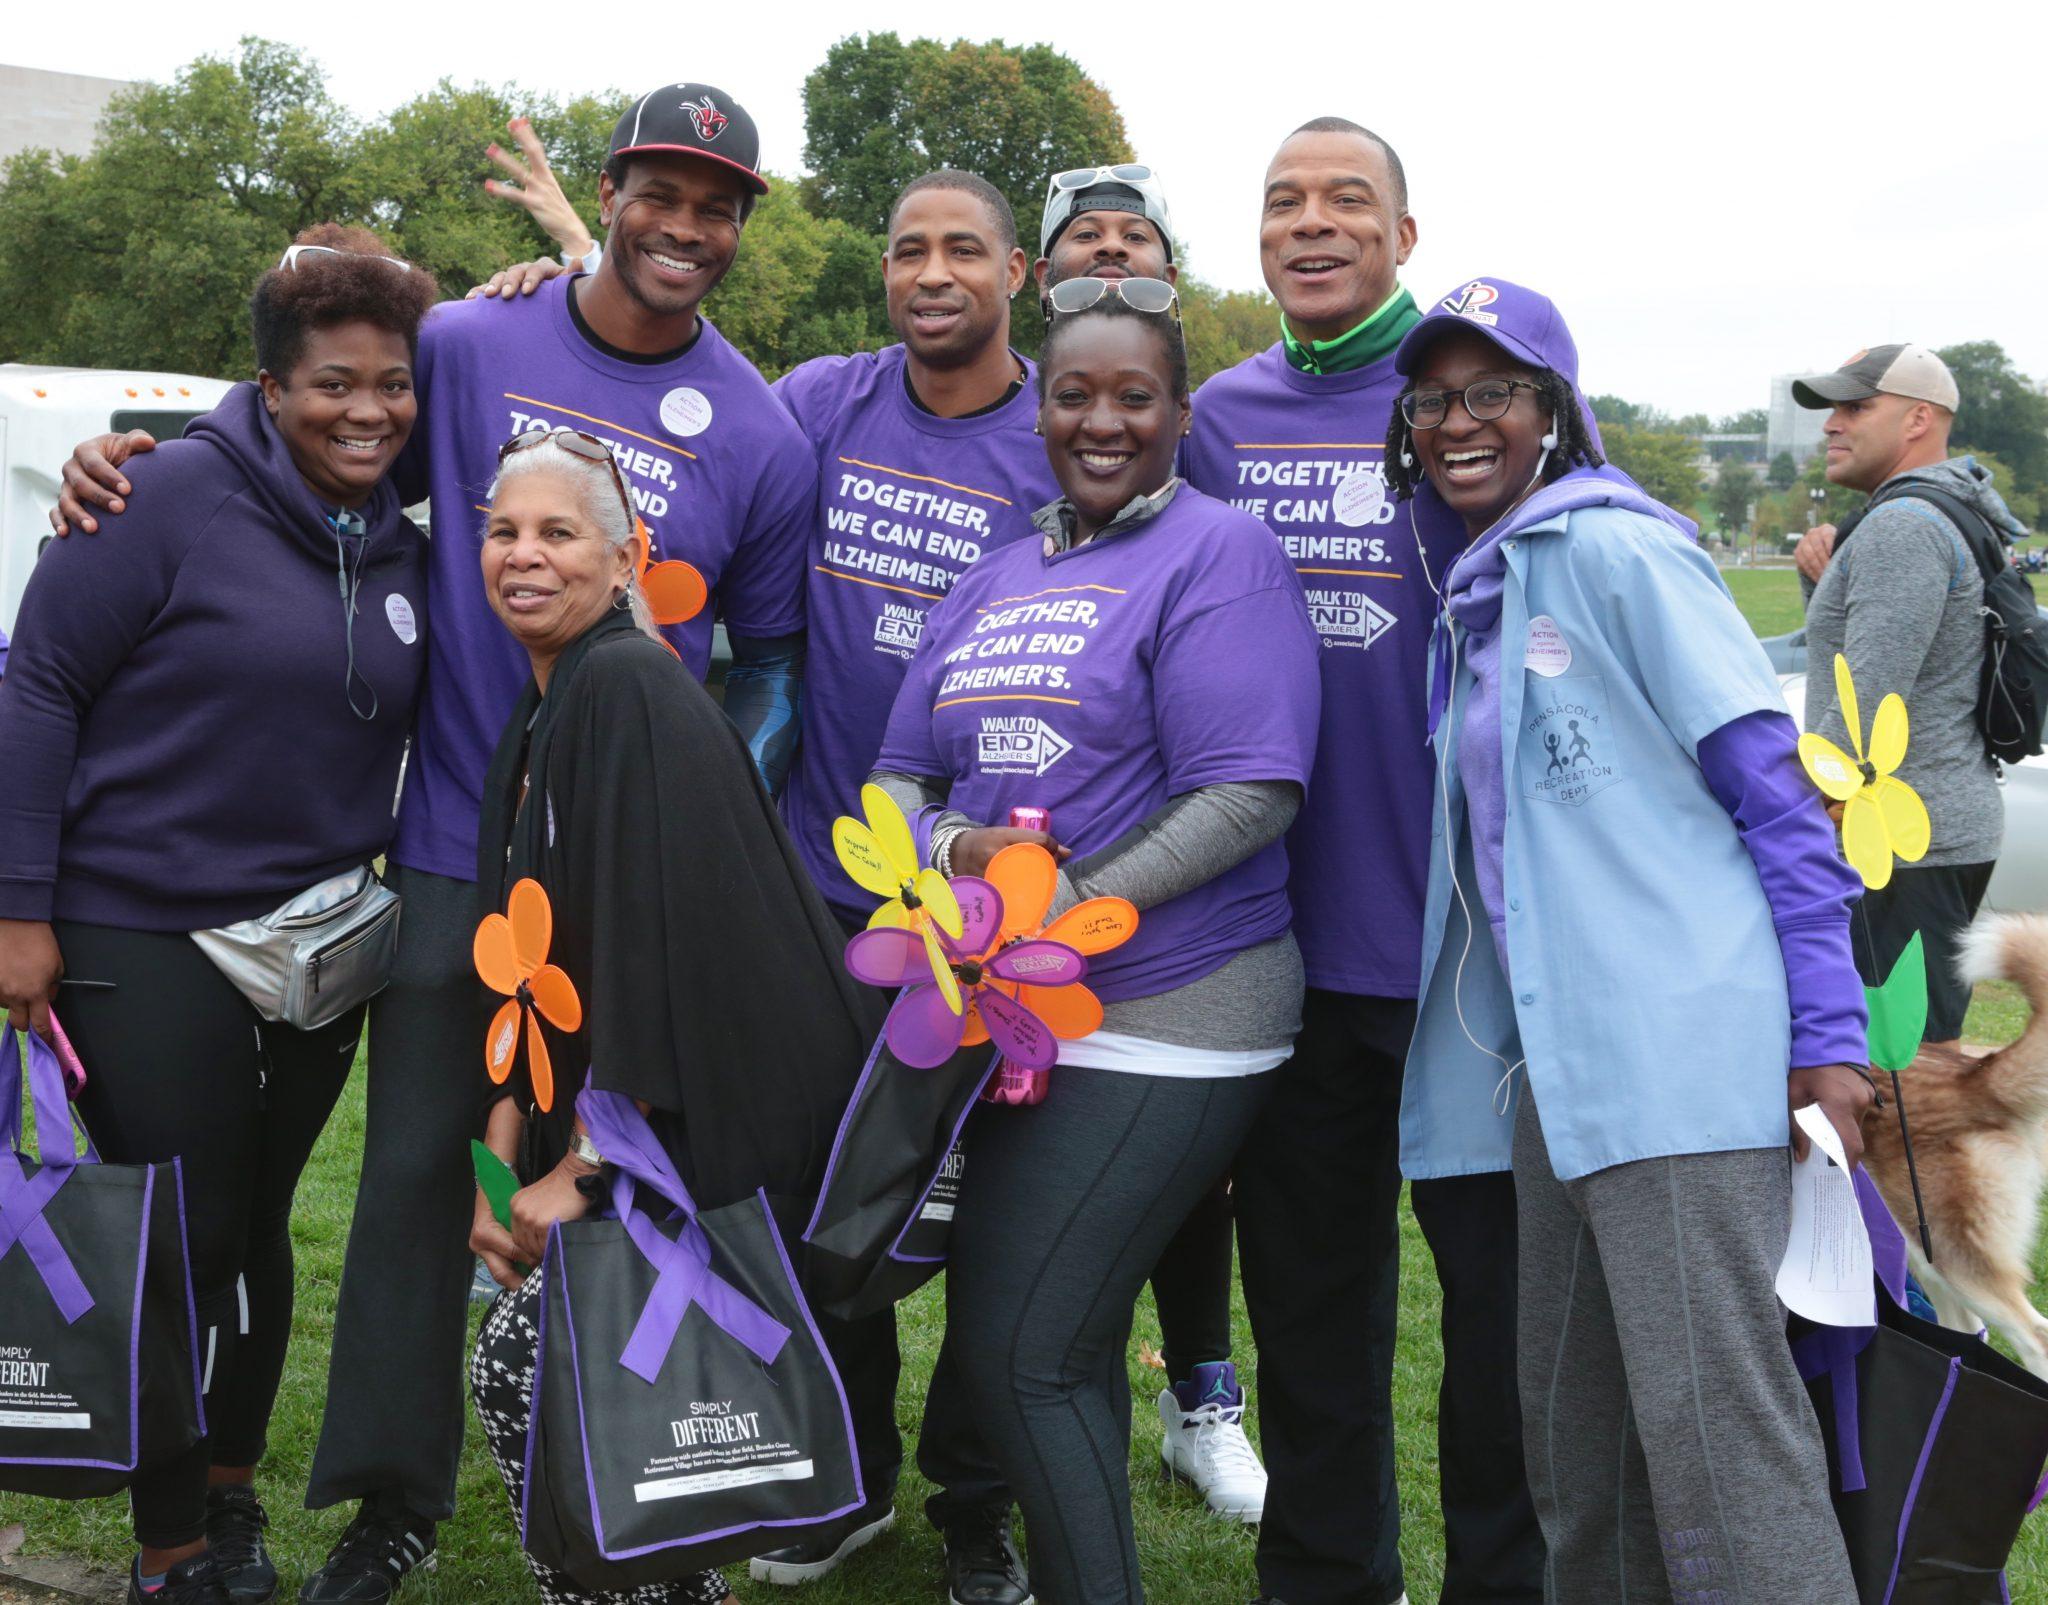 District residents walk for Alzheimer's. (Demetrious Kinney/The Washington Informer)